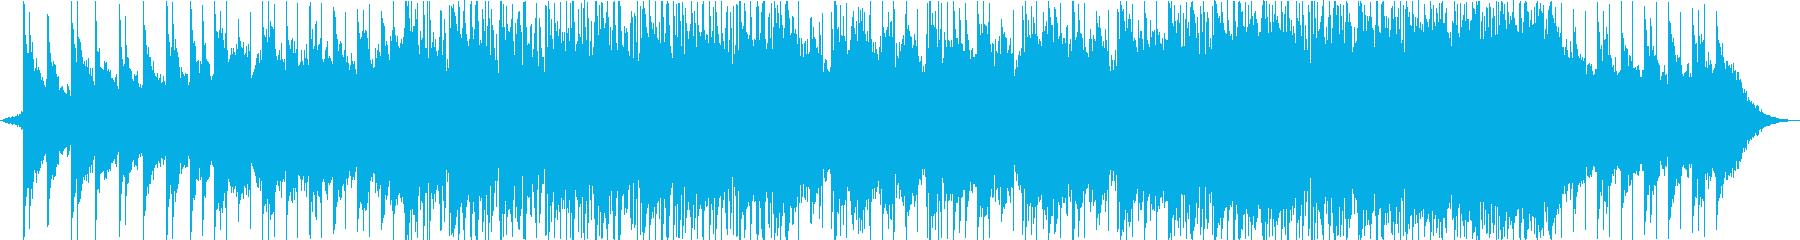 バックグラウンドアンビエントトラックの再生済みの波形